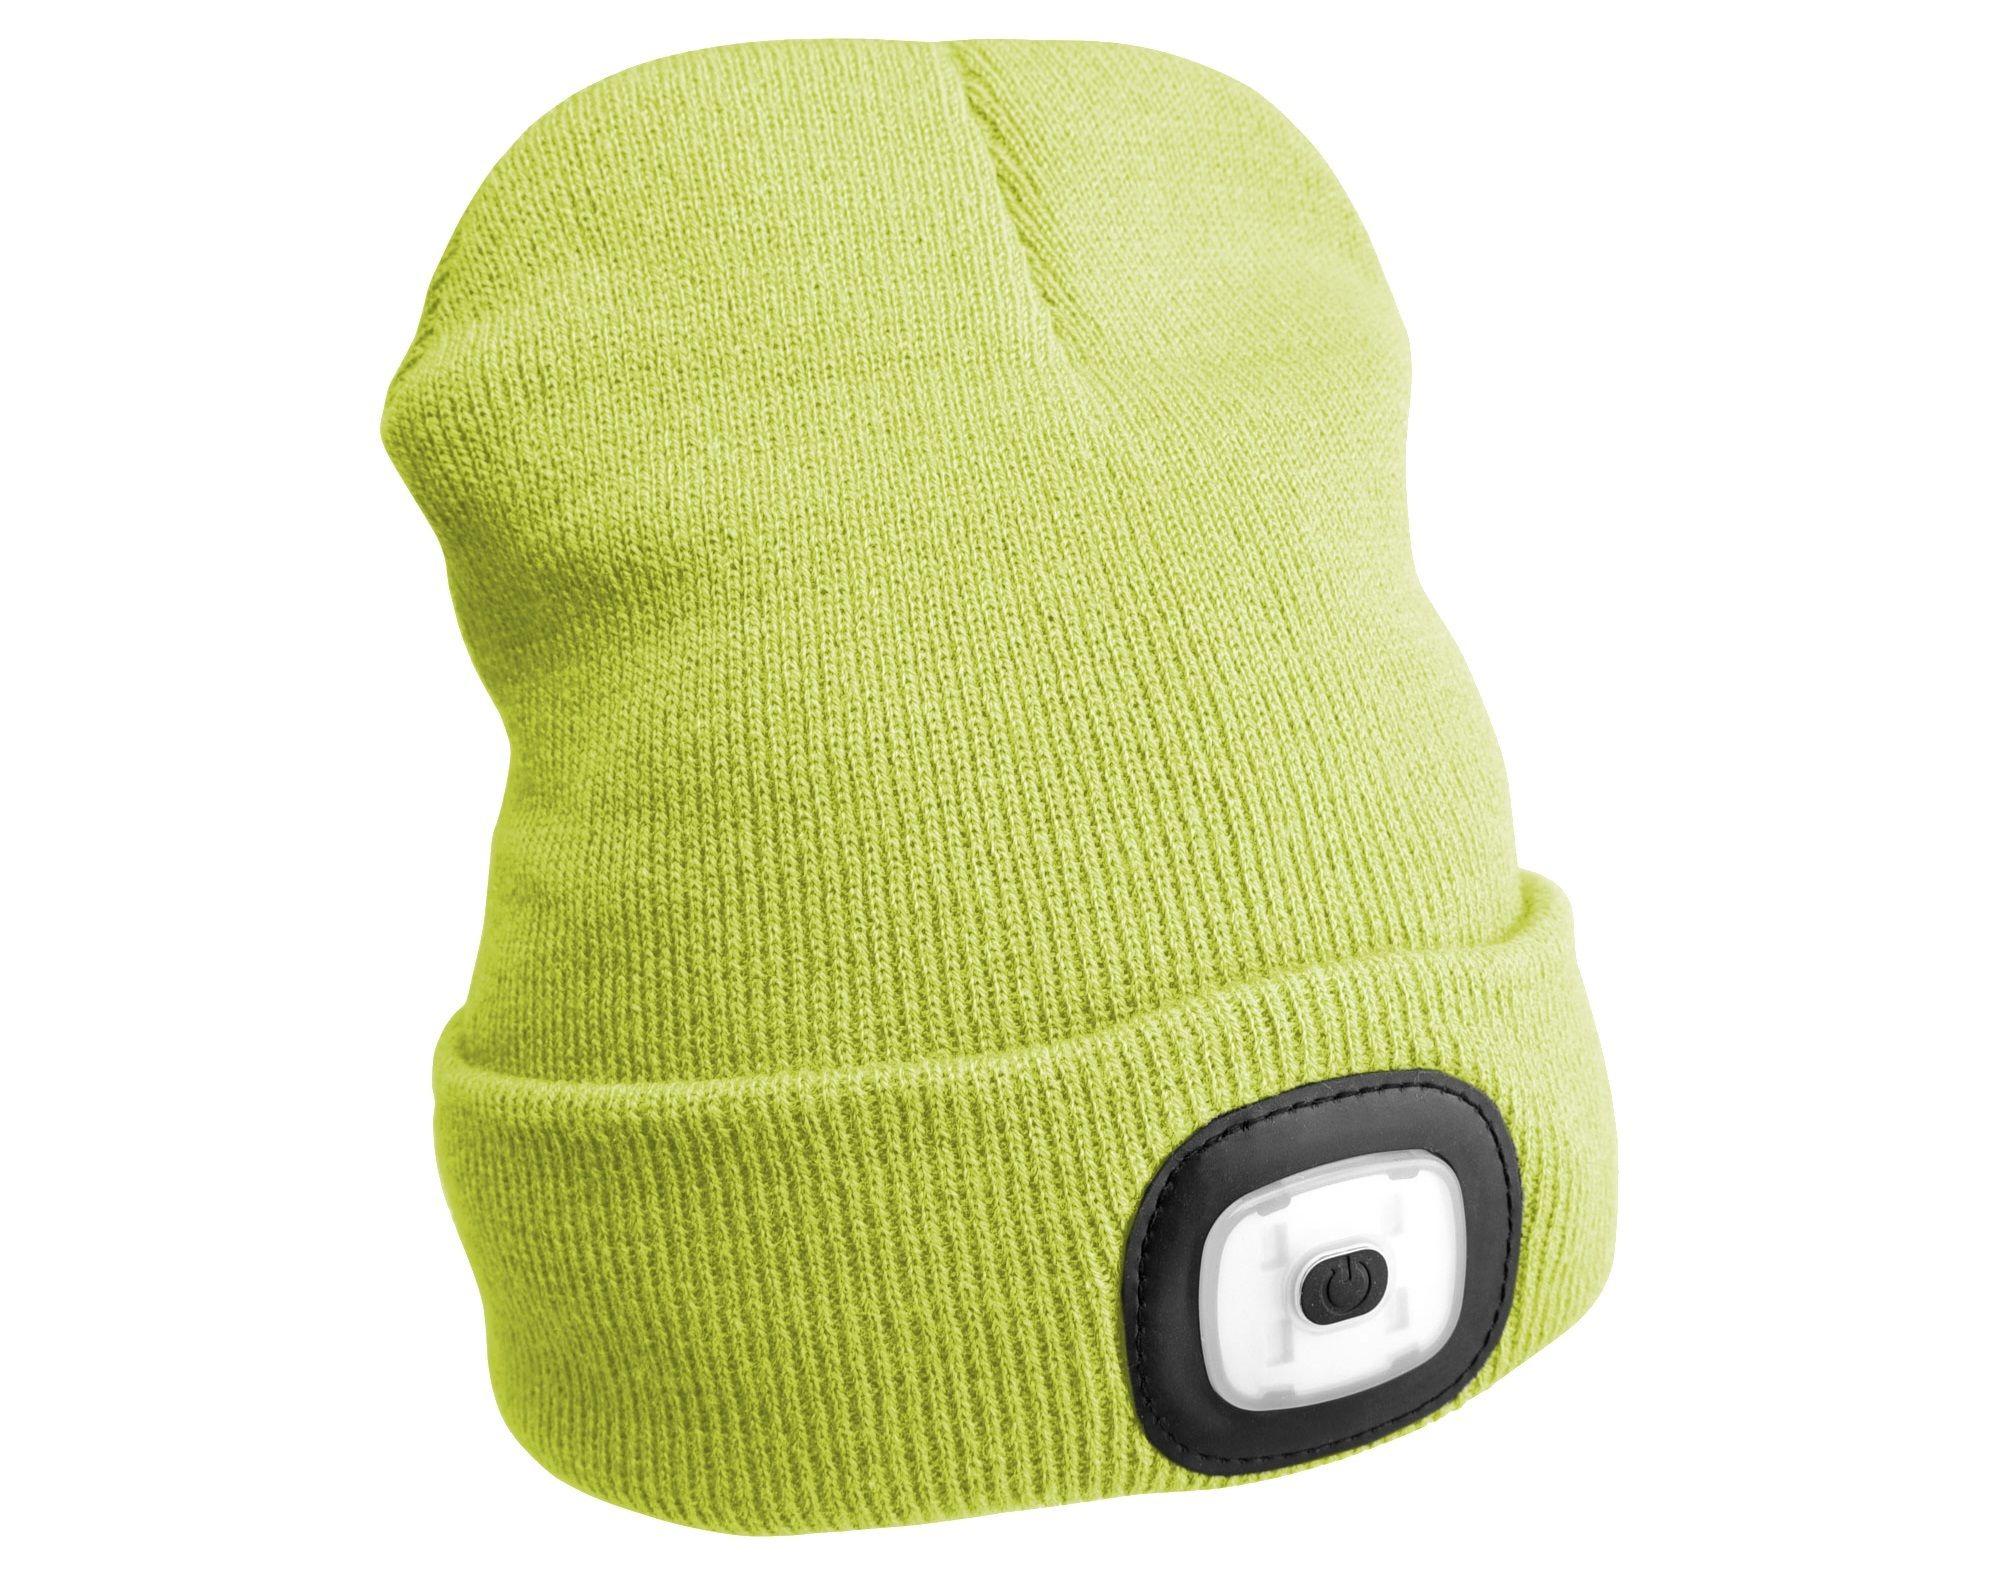 Čepice s čelovkou 180lm, nabíjecí, USB, univerzální velikost, fluorescentní žlutá SIXTOL